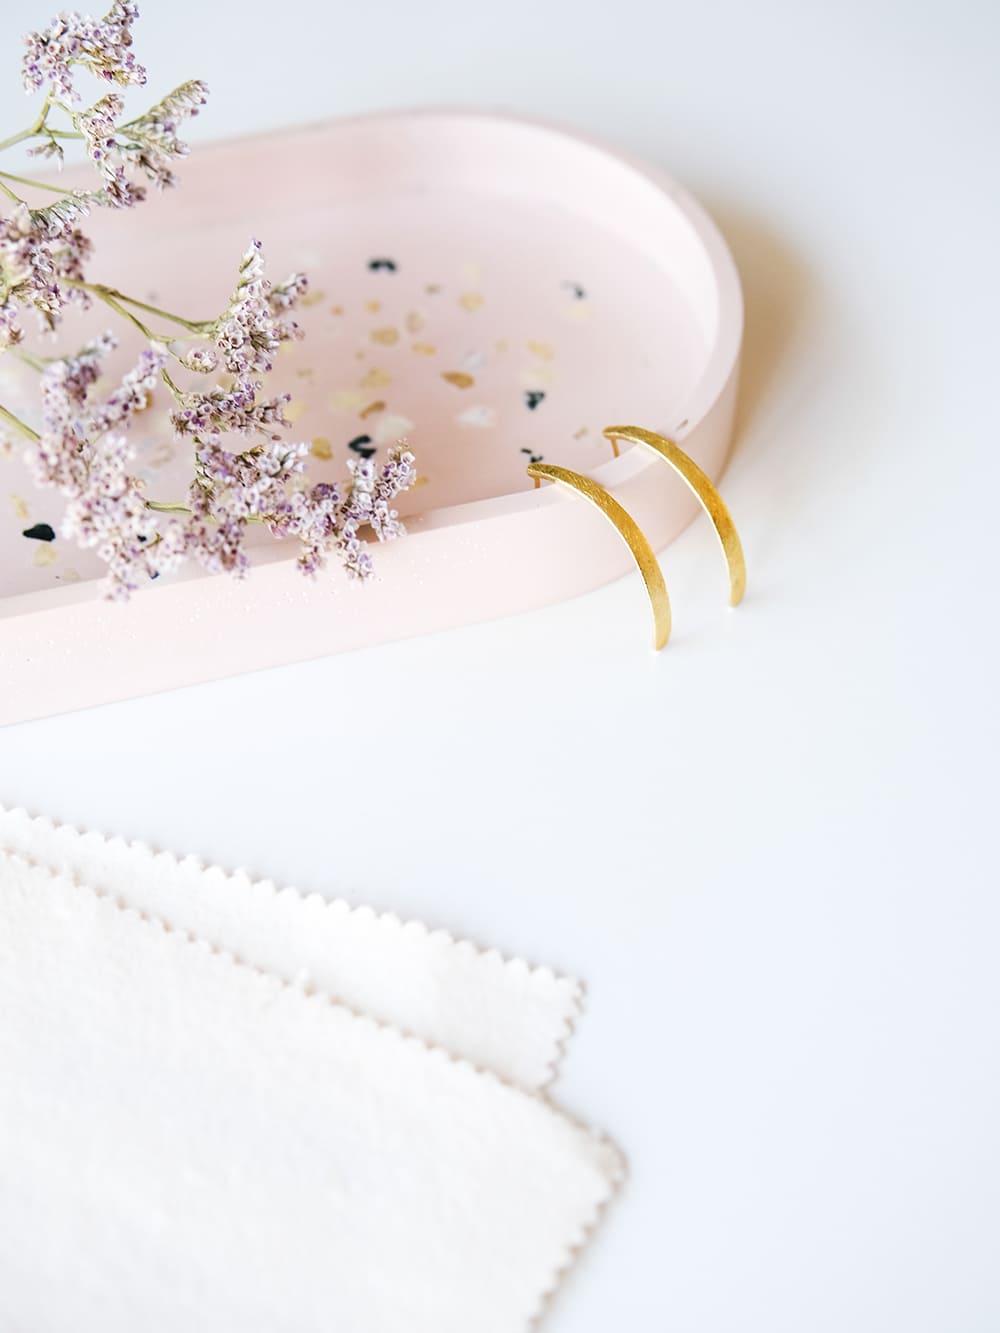 pendientes largos para diario, pendientes de oro para pelo largo, martelie barcelona, pendientes de diseño para mujer, joyasmarket